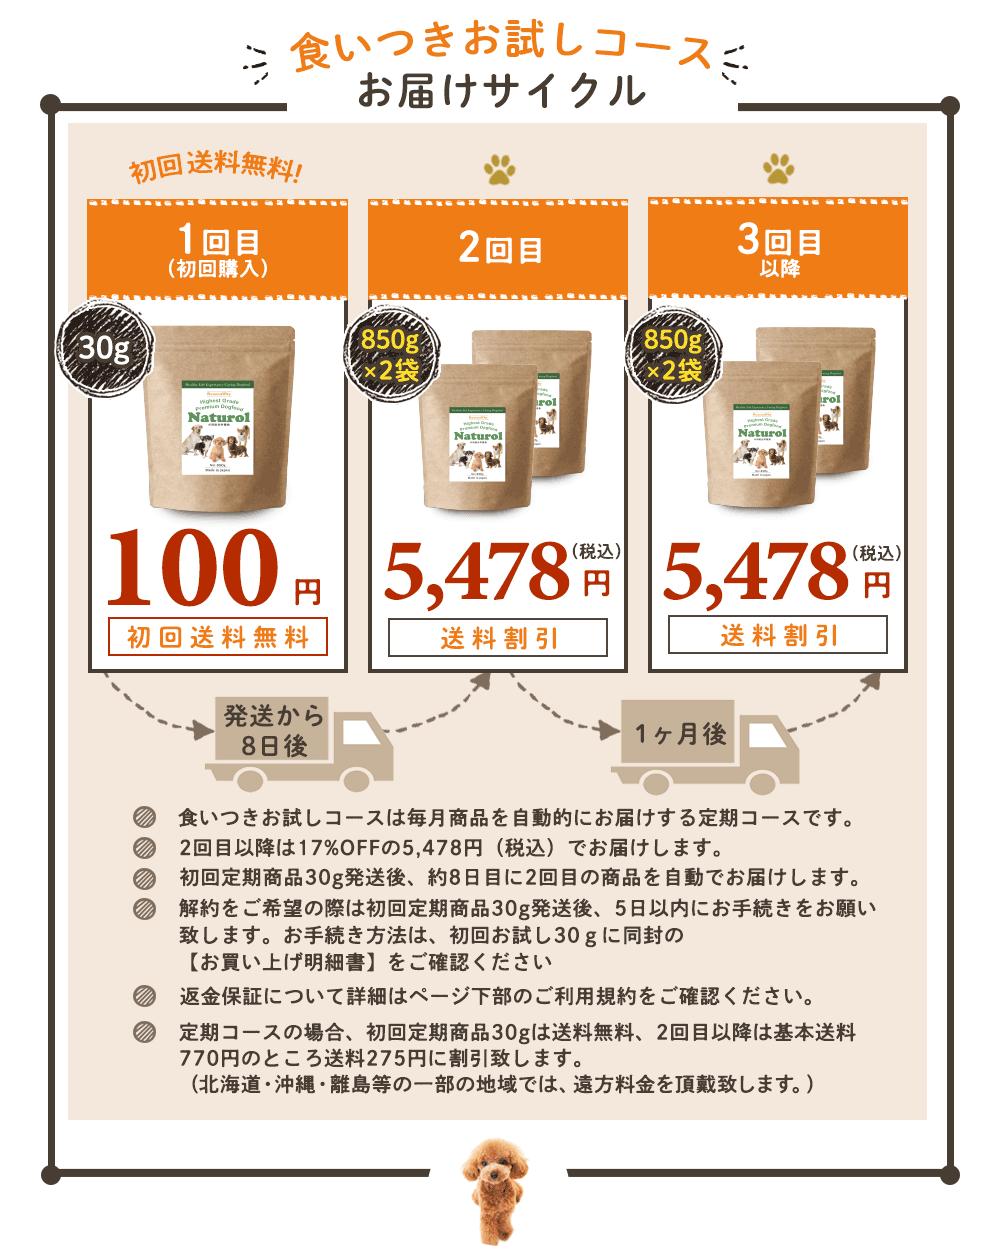 食いつきお試しコースお届けサイクル。 1回目(初回購入)1袋30g 100円(初回送料無料)、発送から8日後に2回目 850g×2袋 4,980円(税抜)送料割引、1ヶ月後 3回目 850g×2袋 4,980円(税抜)送料割引。食いつきお試しコースは毎月商品を自動的にお届けするコースです。2回目以降は17%OFFの4,980円(税抜)でお届けします。初回定期商品30g発送後、約8日後に2回目の商品を自動でお届けします。変更、休止などは初回定期商品30g発送後5日以内にご連絡ください。返金保障について詳細はページ下部のご利用規約をご確認ください。